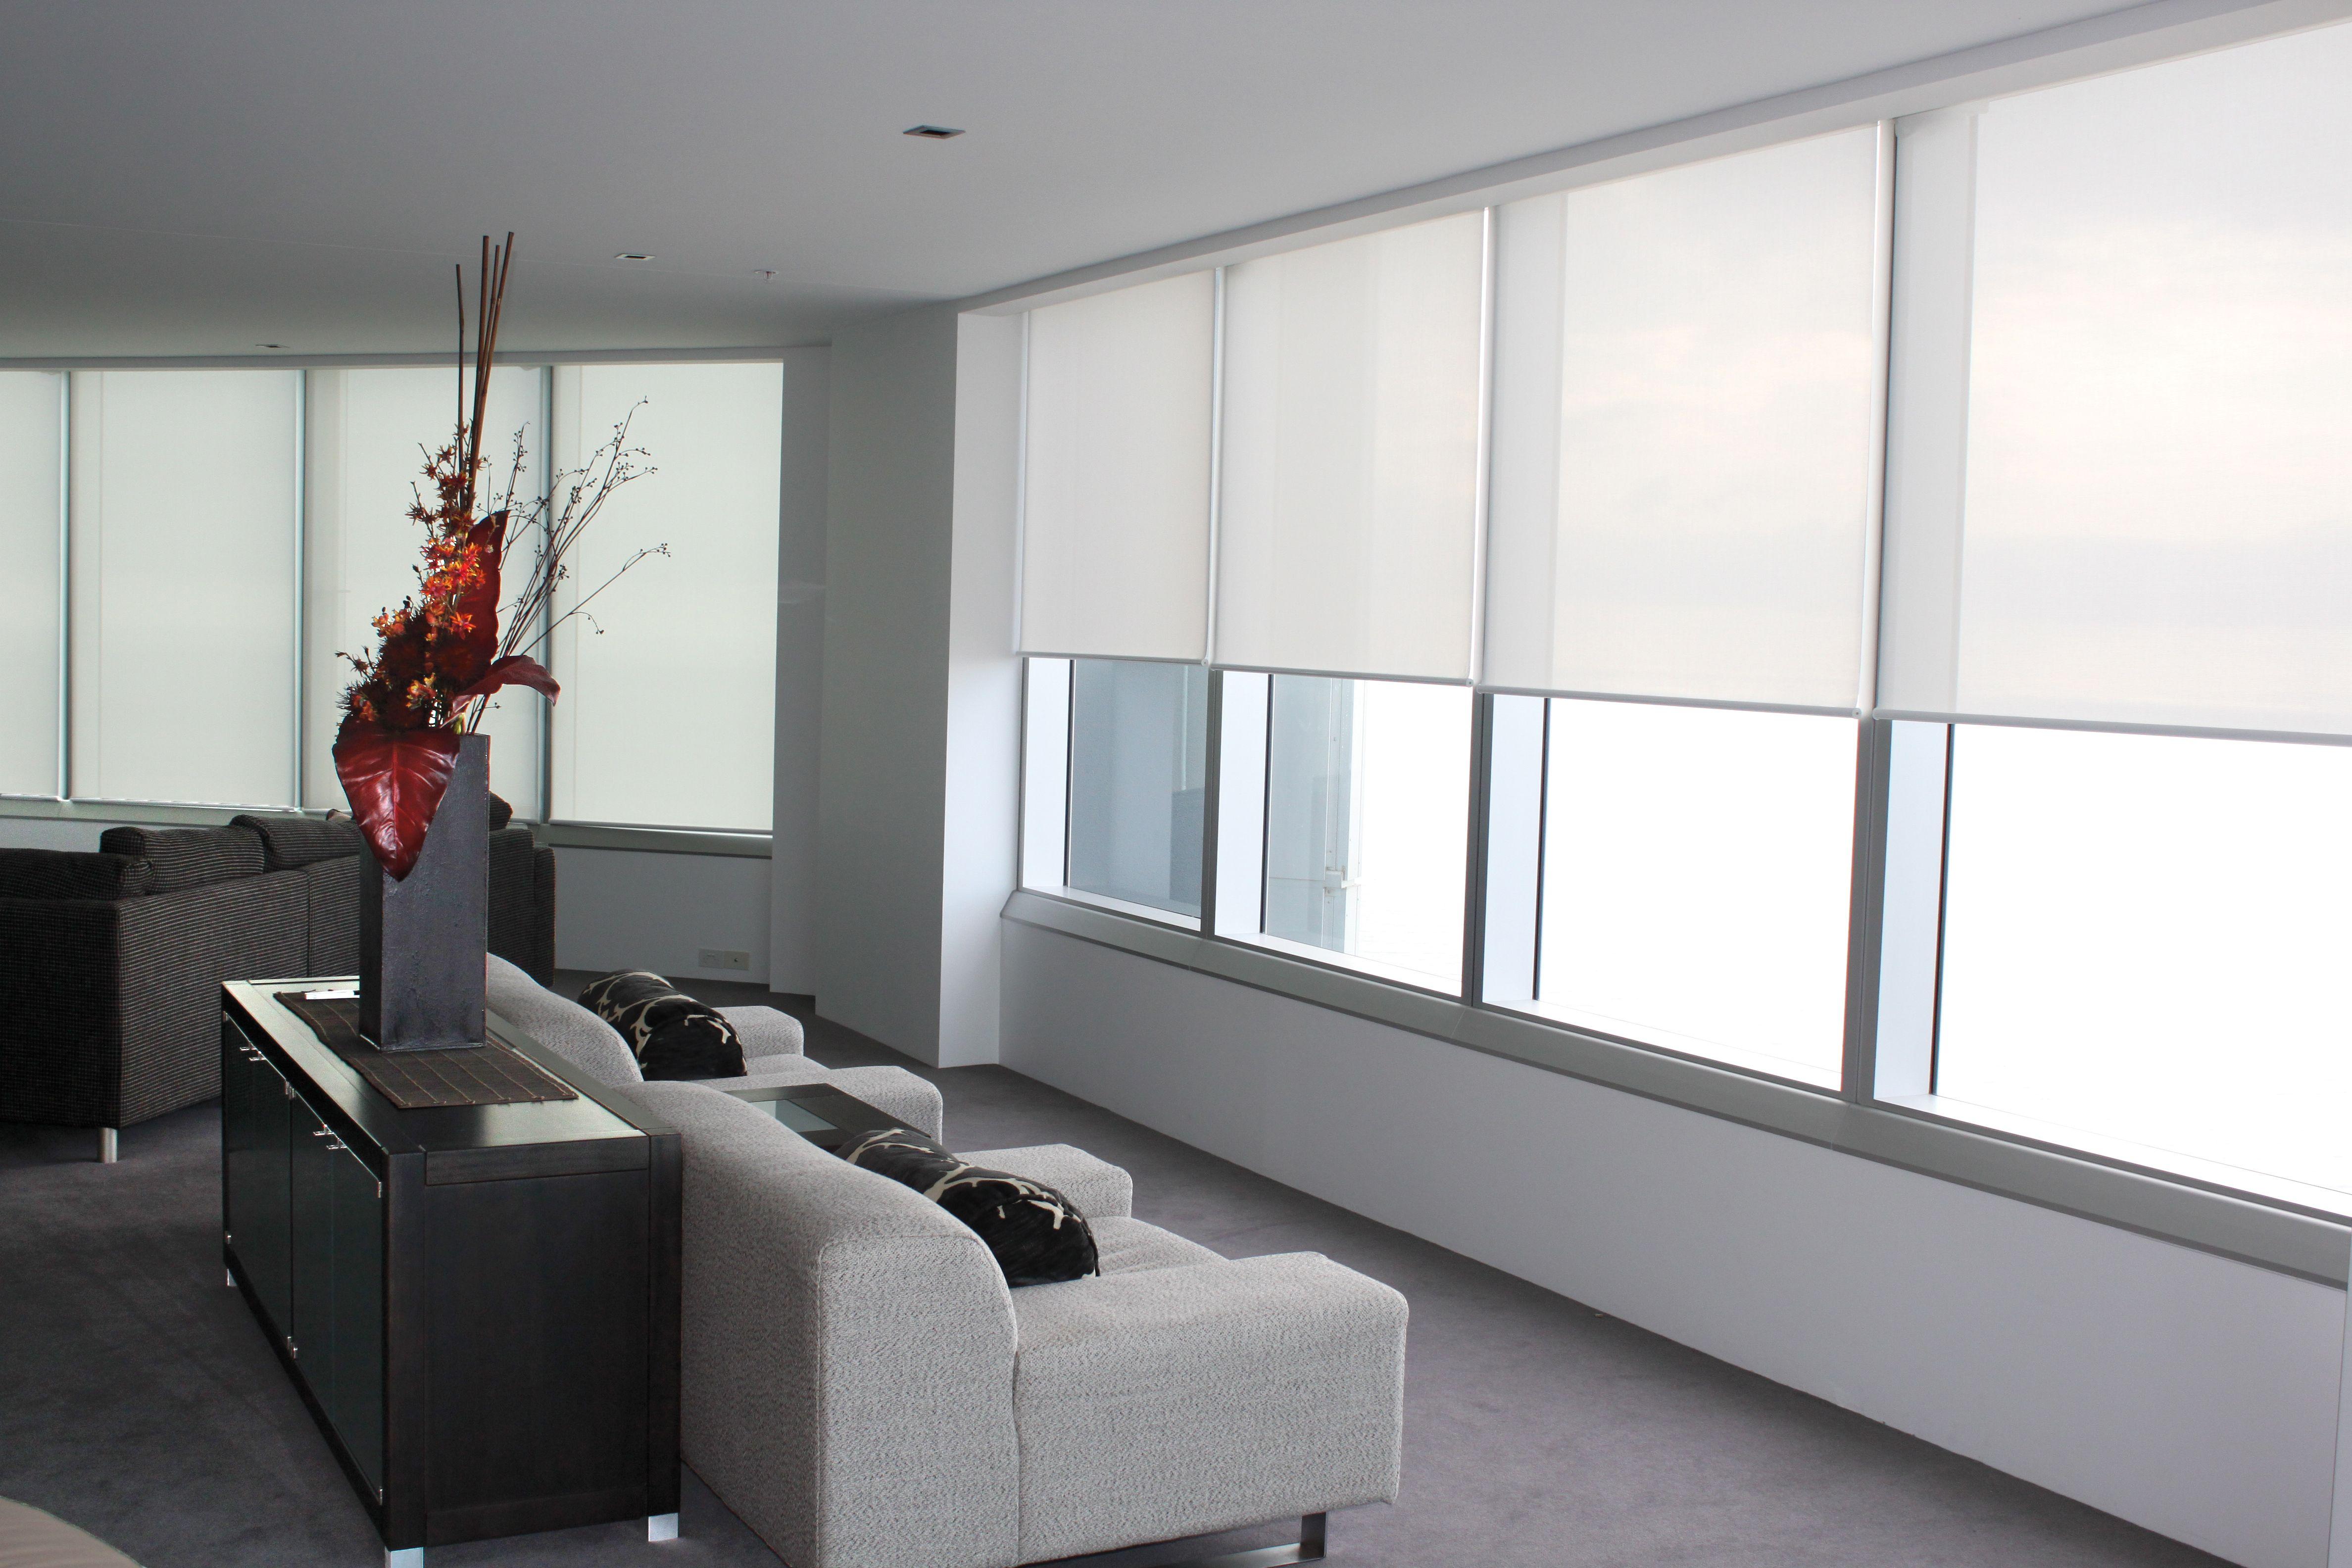 Light Filtering Rollers By Blinds Online Ltd Blindsonline Net Nz Roller Blinds Blinds Design Home